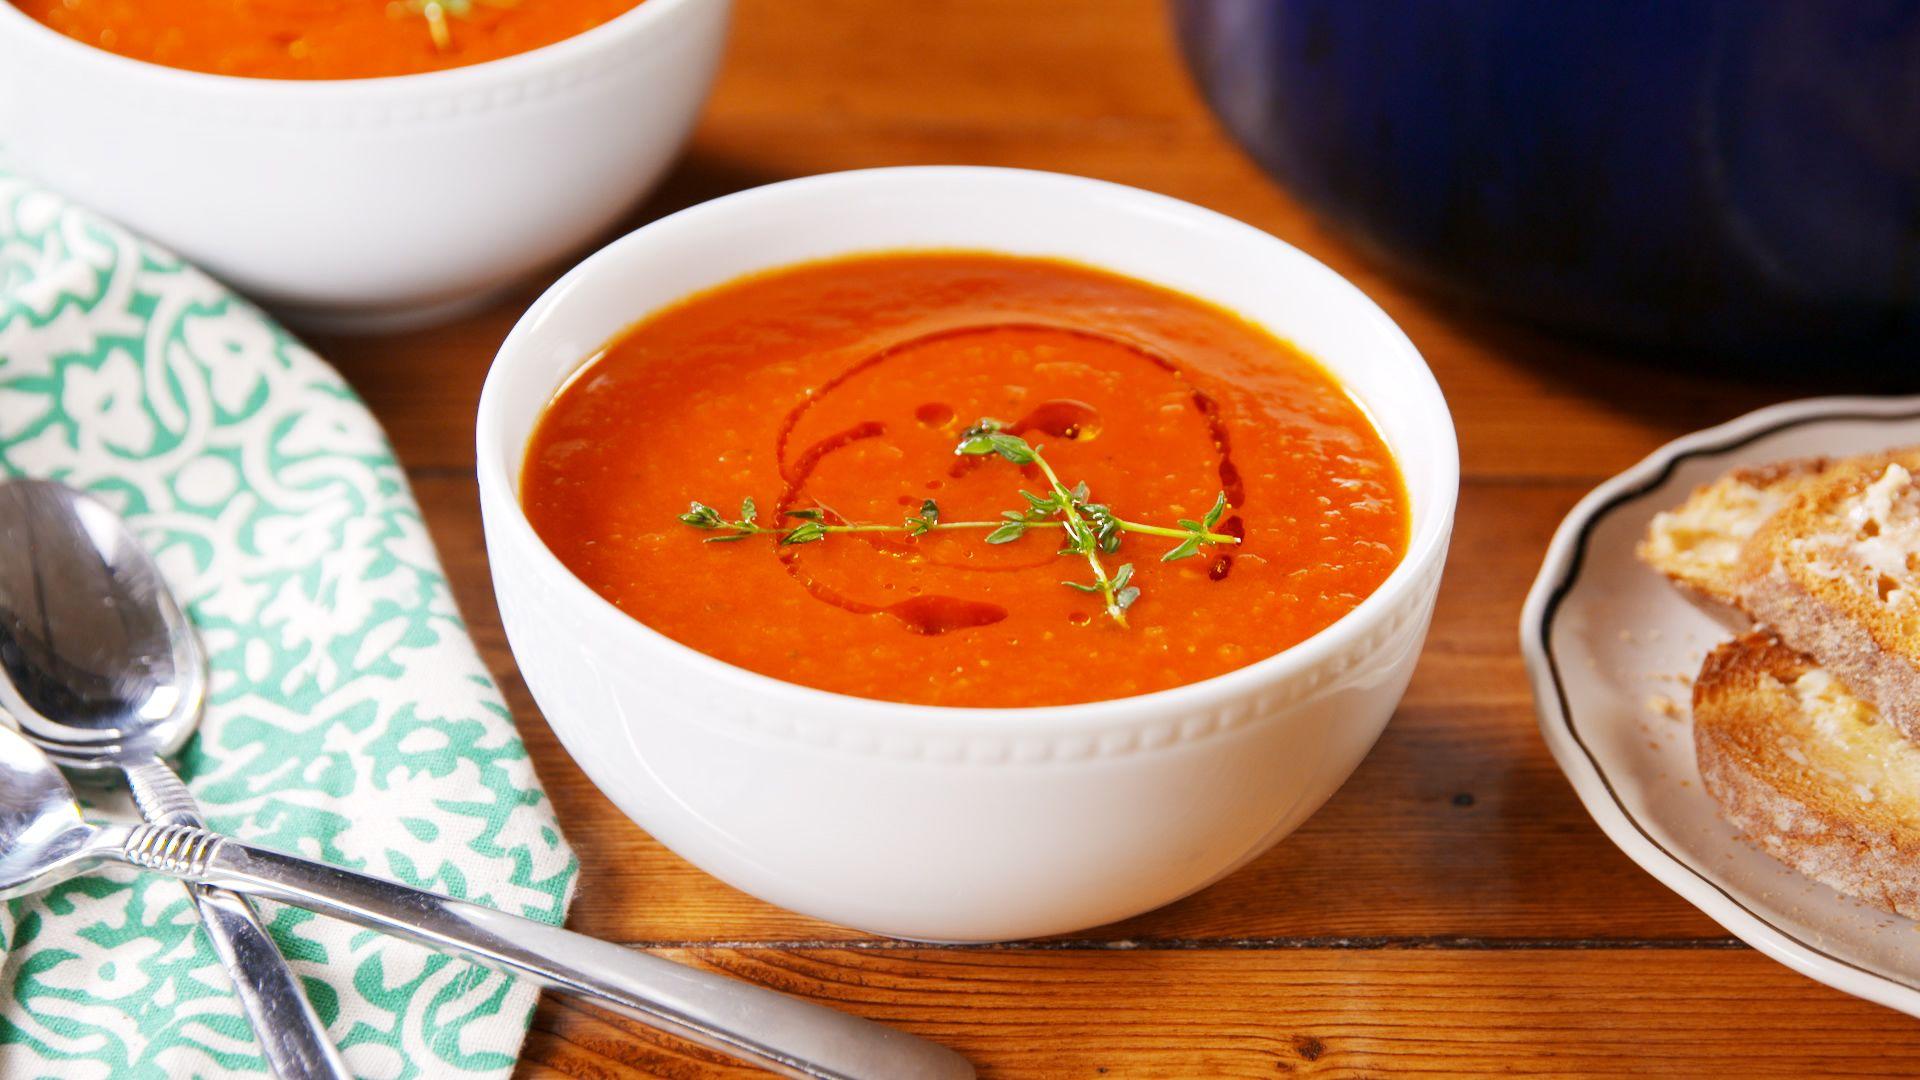 New Fall Menu: Turkey Tomato Soup!